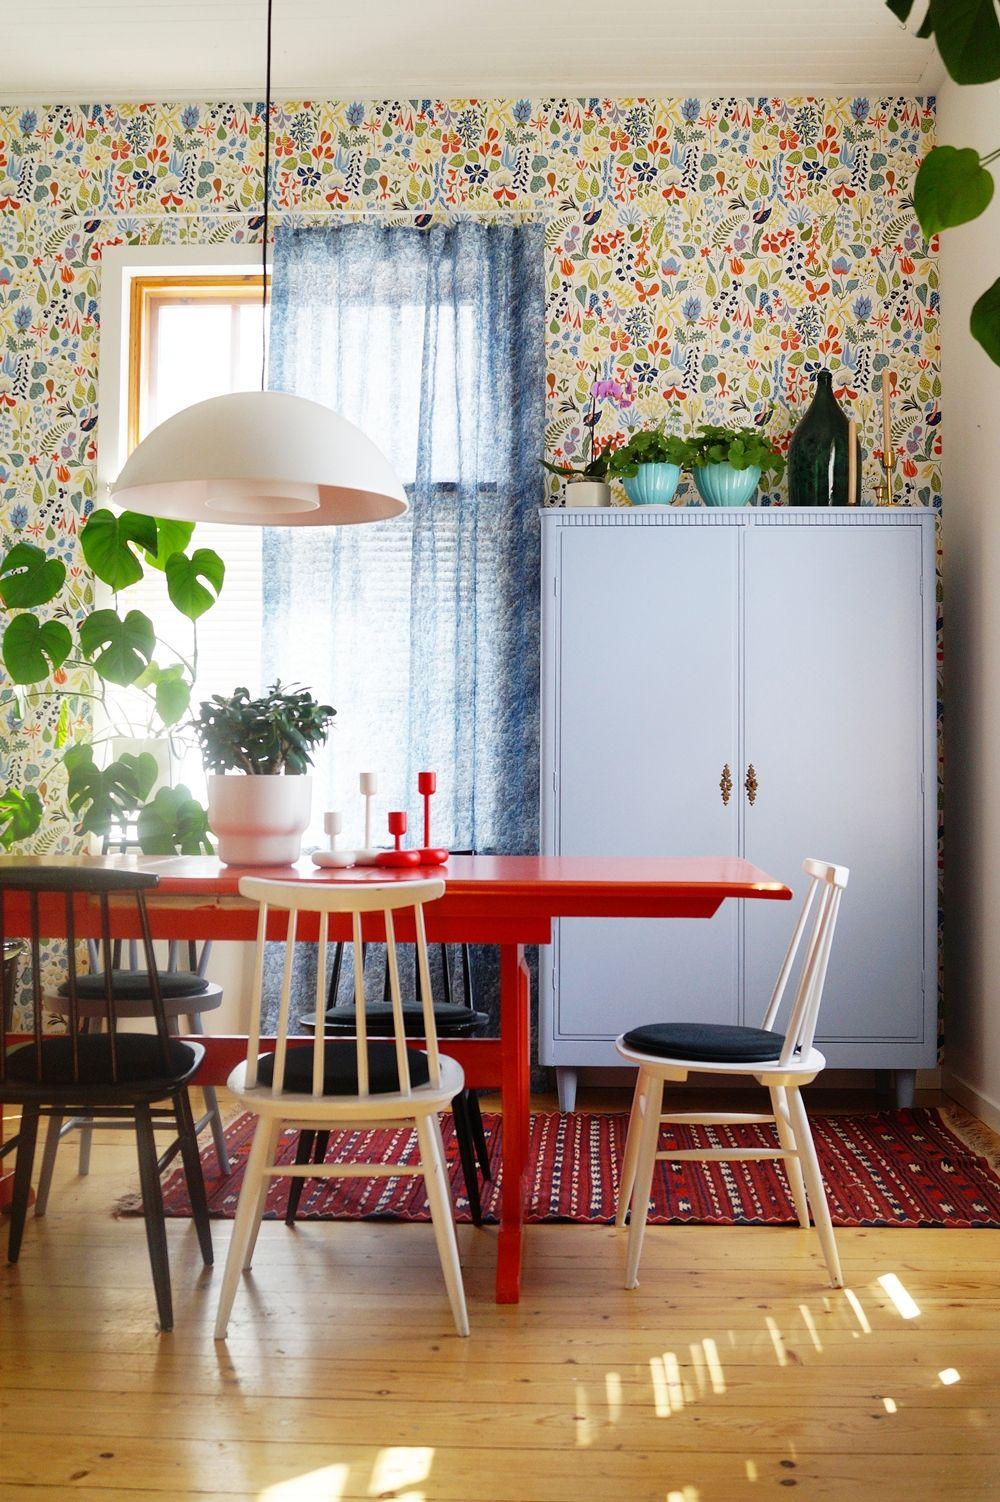 dining room, old furnitures, old house, houseplants, retro, vintage, orange table, colourful wool carpet, spoke chairs, boråstapeter wallpaper, blue old closet, Marimekko linen curtain, ruokailuhuone, värikäs villamatto, pinnatuolit, oranssi pirtinpöytä, vanha sininen kaappi, lasipullo, vanha talo,